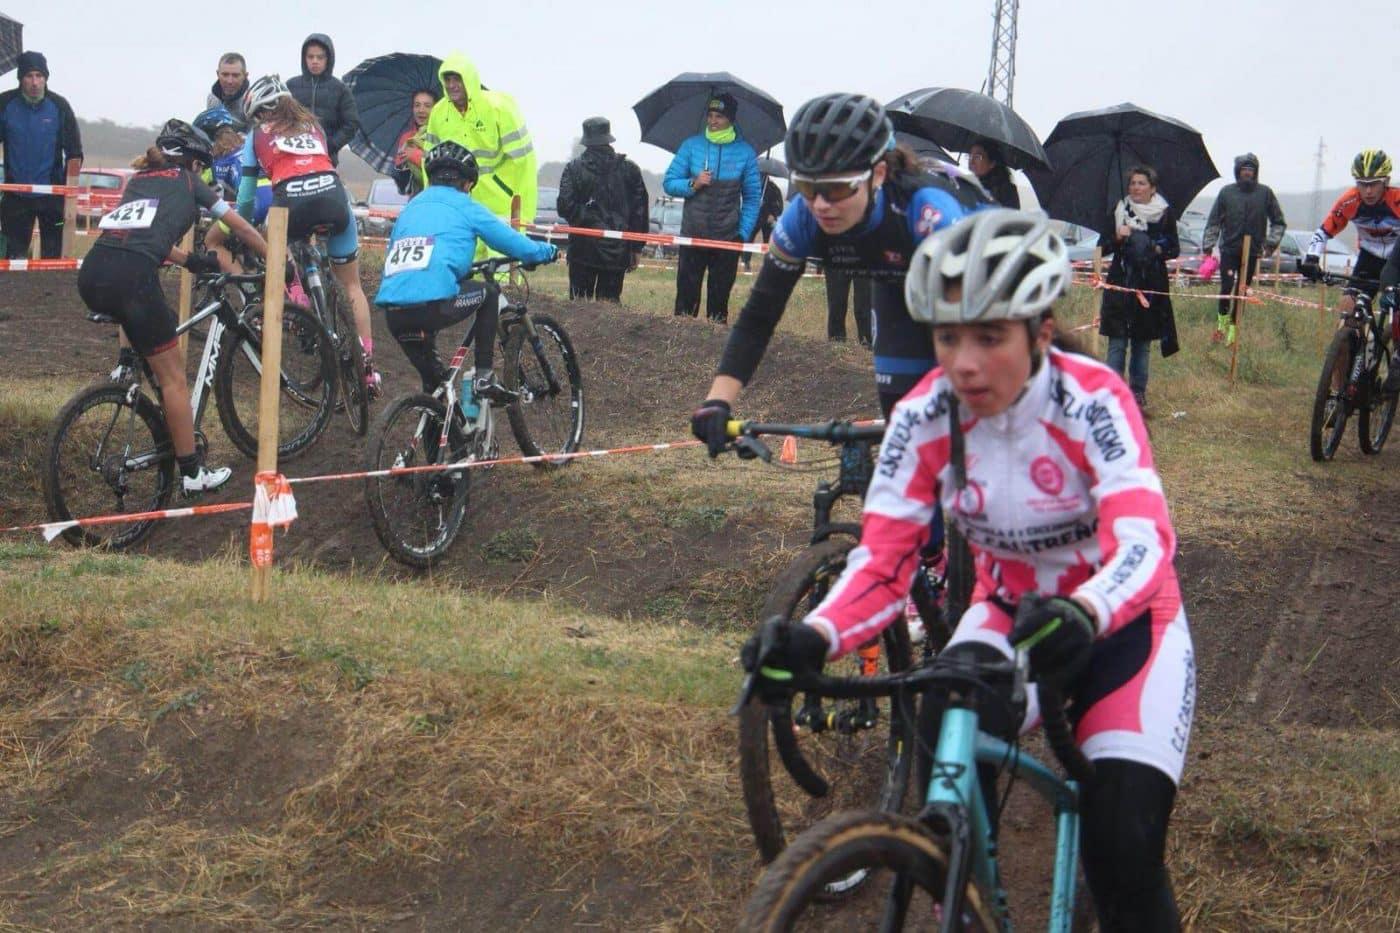 María López roza el podio en el Ciclocross de Fresno de Rodilla 2